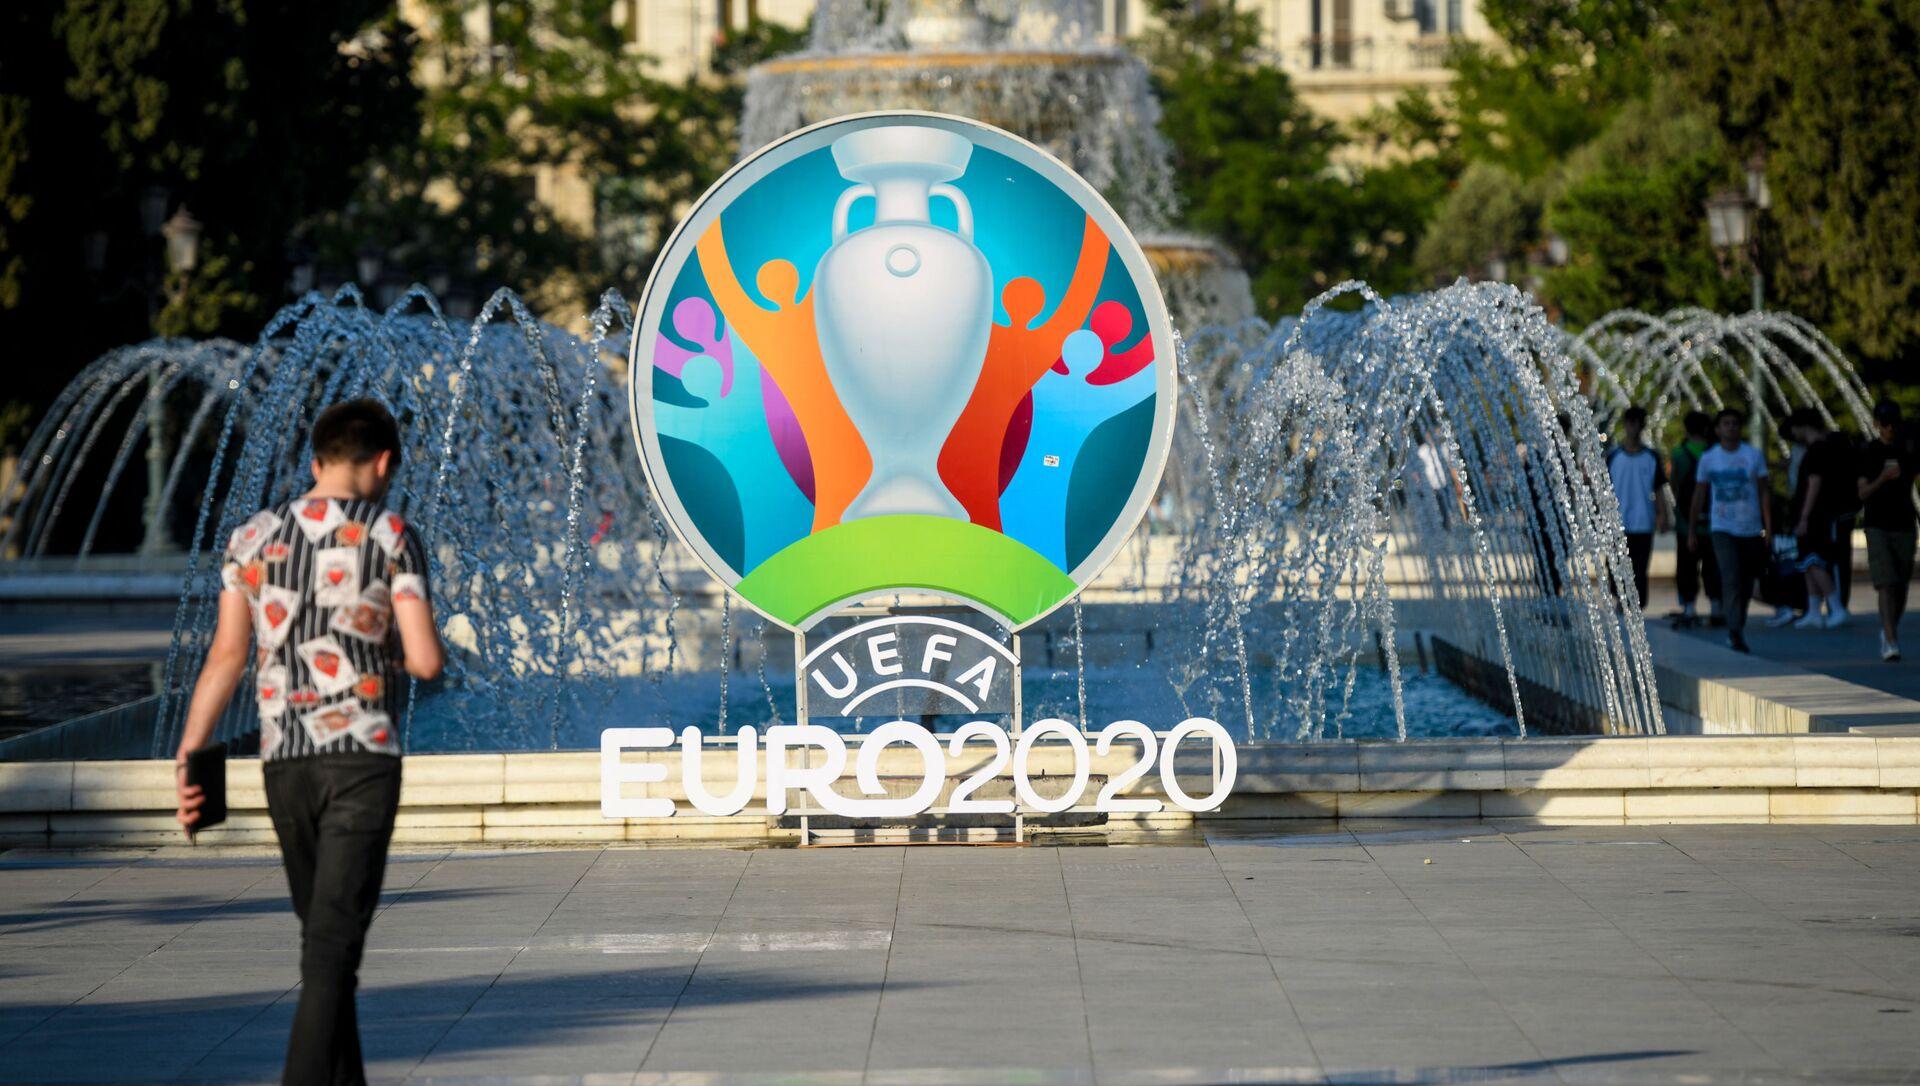 Уличная инсталляция с символикой чемпионата Европы по футболу ЕВРО-2020 в Баку - Sputnik Азербайджан, 1920, 05.07.2021